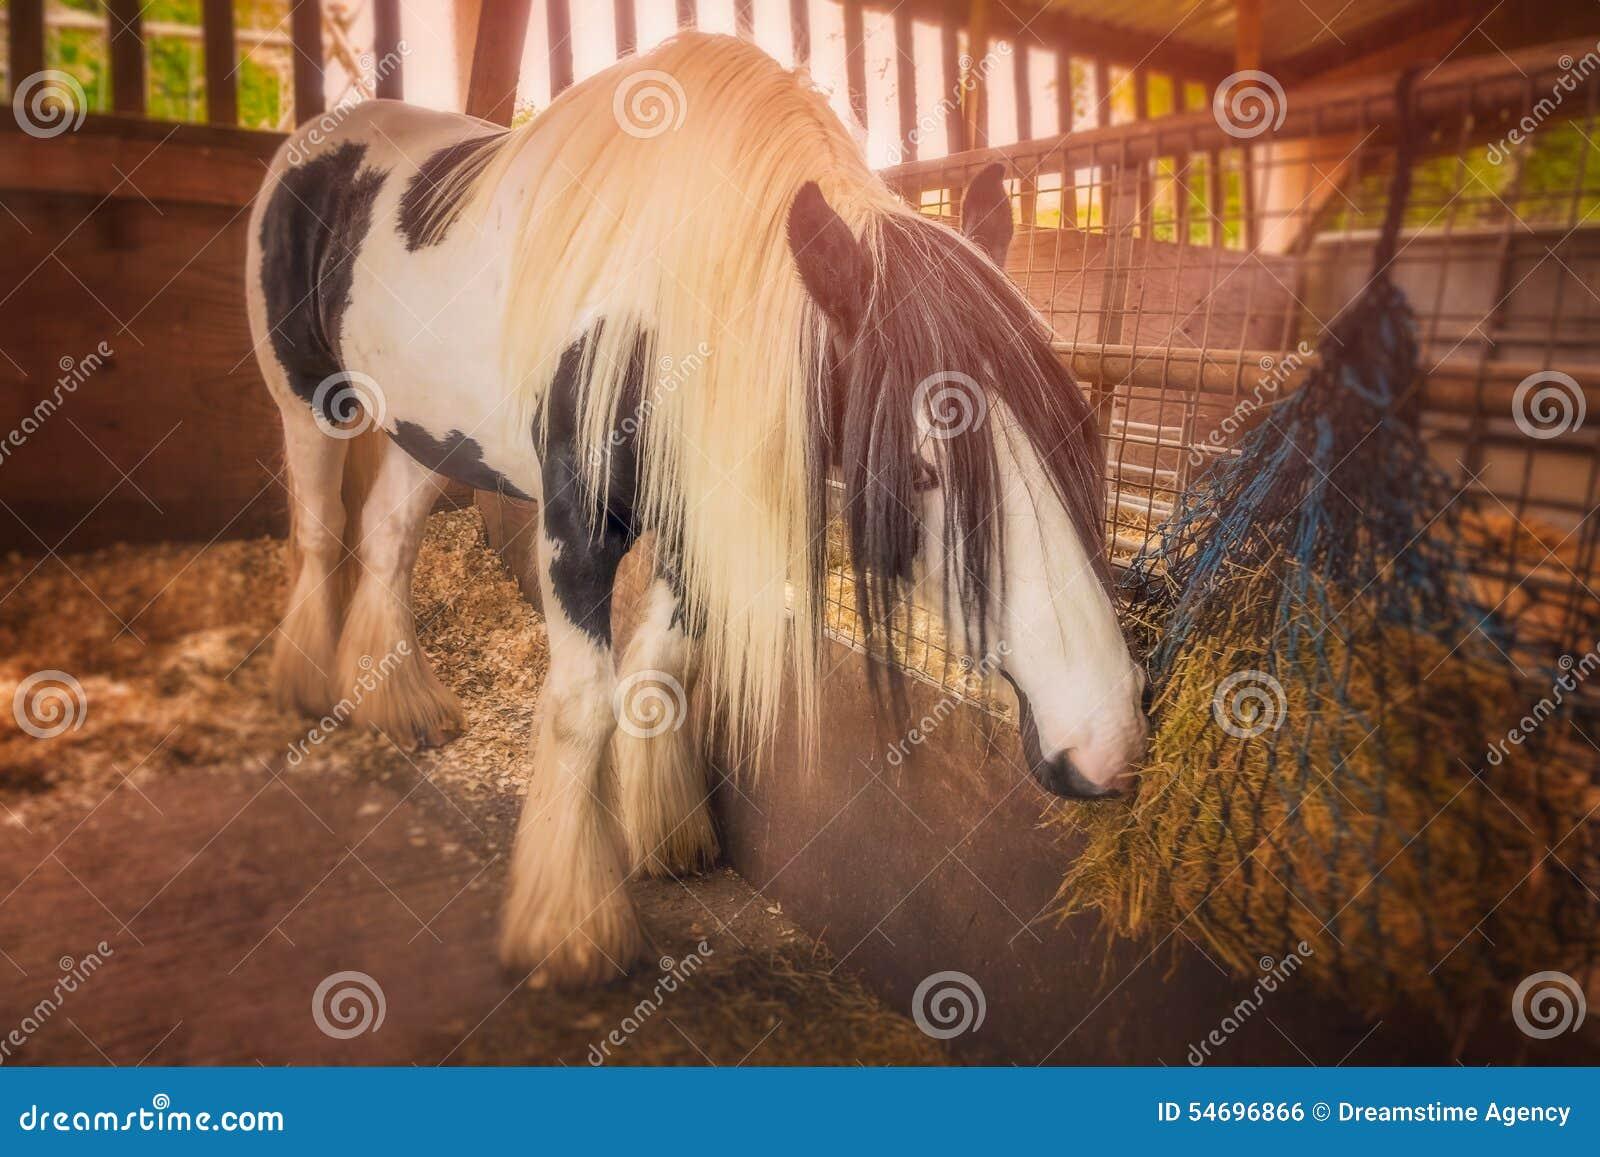 Häst i ett stall